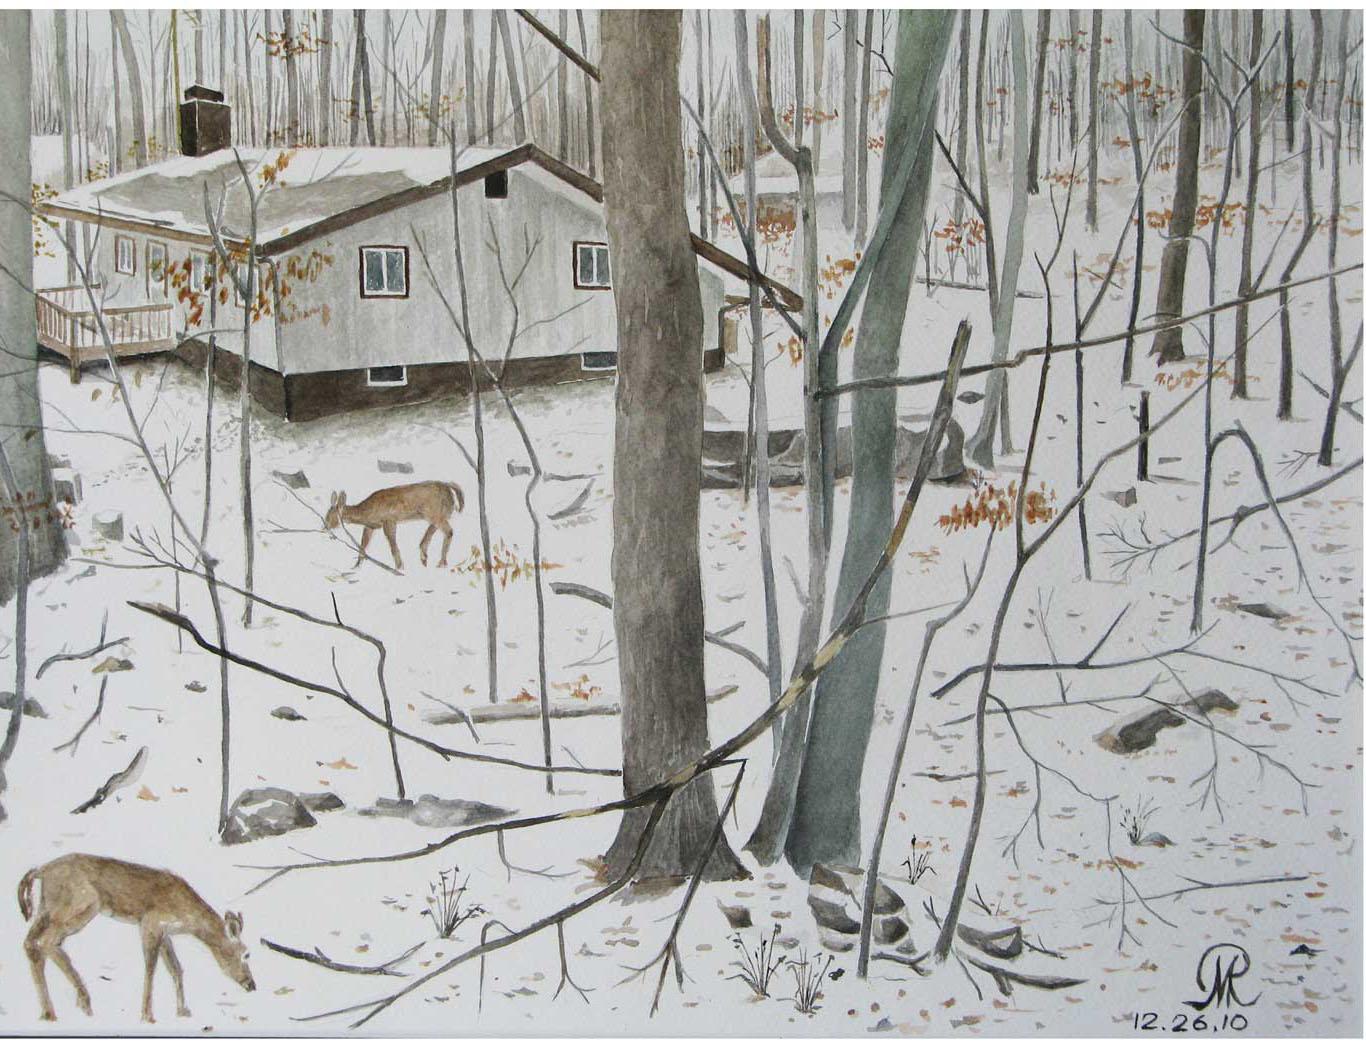 Pocono,-Deer-2